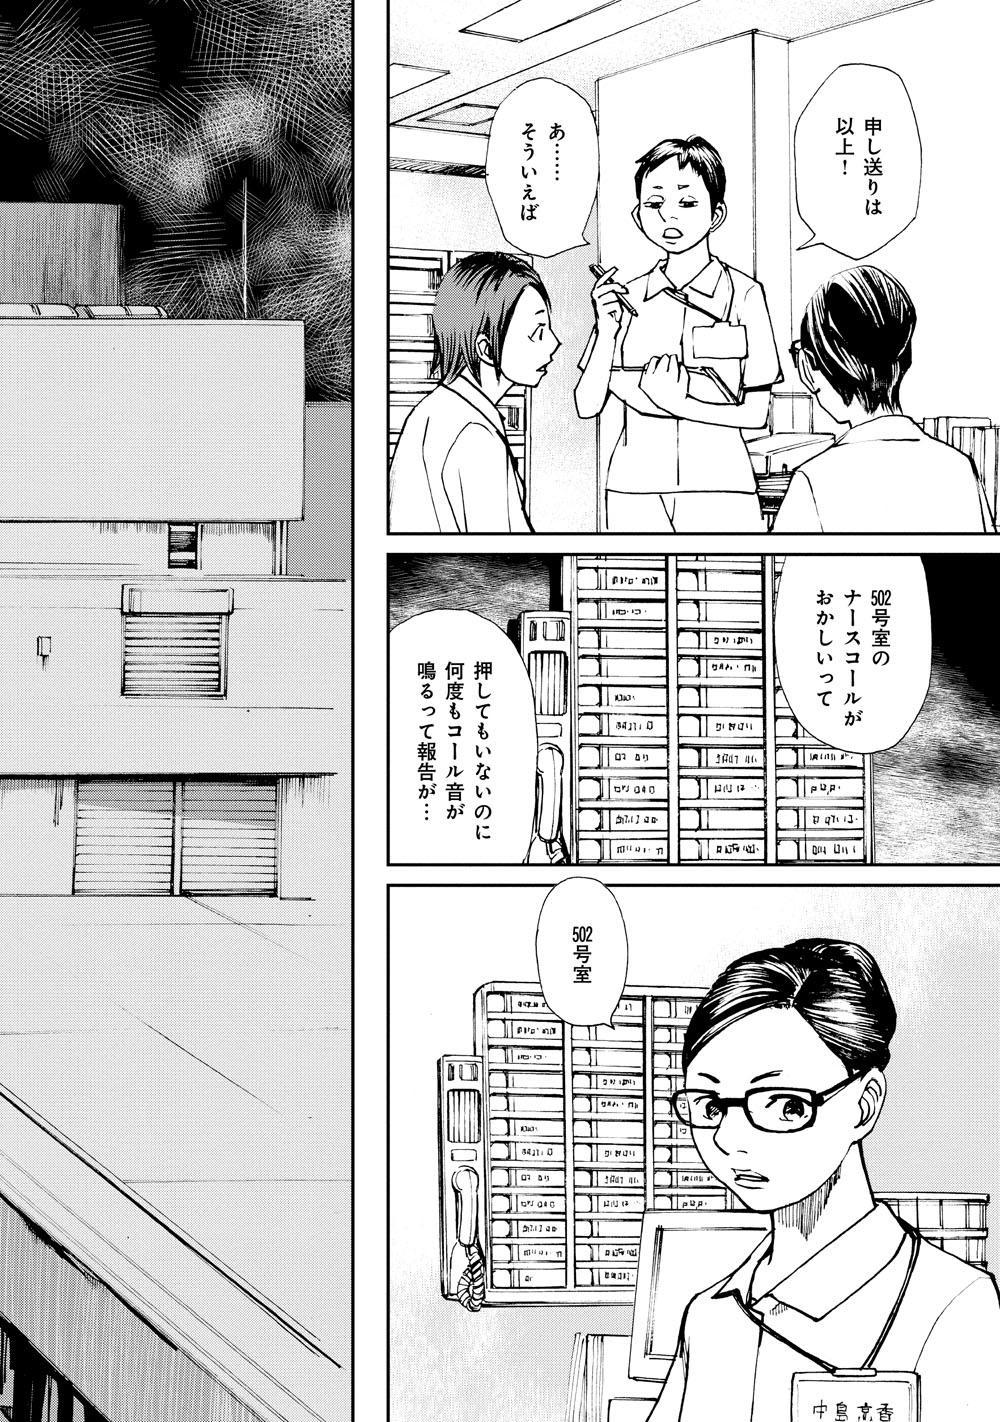 テレビ版_ほん怖_230.jpg